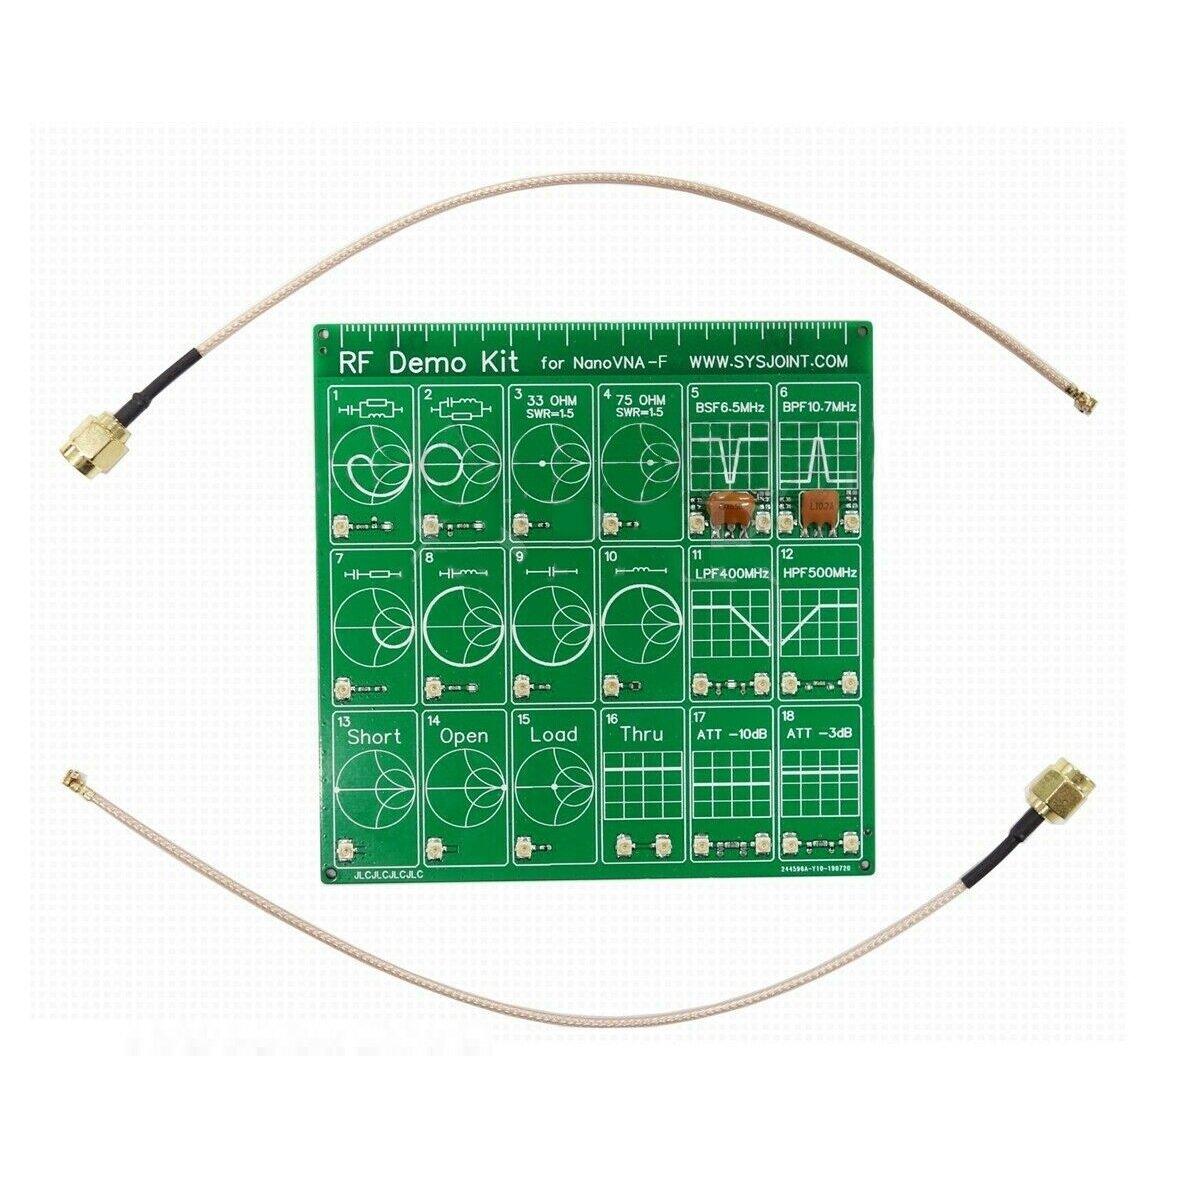 RF Demo Kit NanoVNA RF Tester Board Filter Attenuator for NanoVNA-F Vector Network Anaylzer